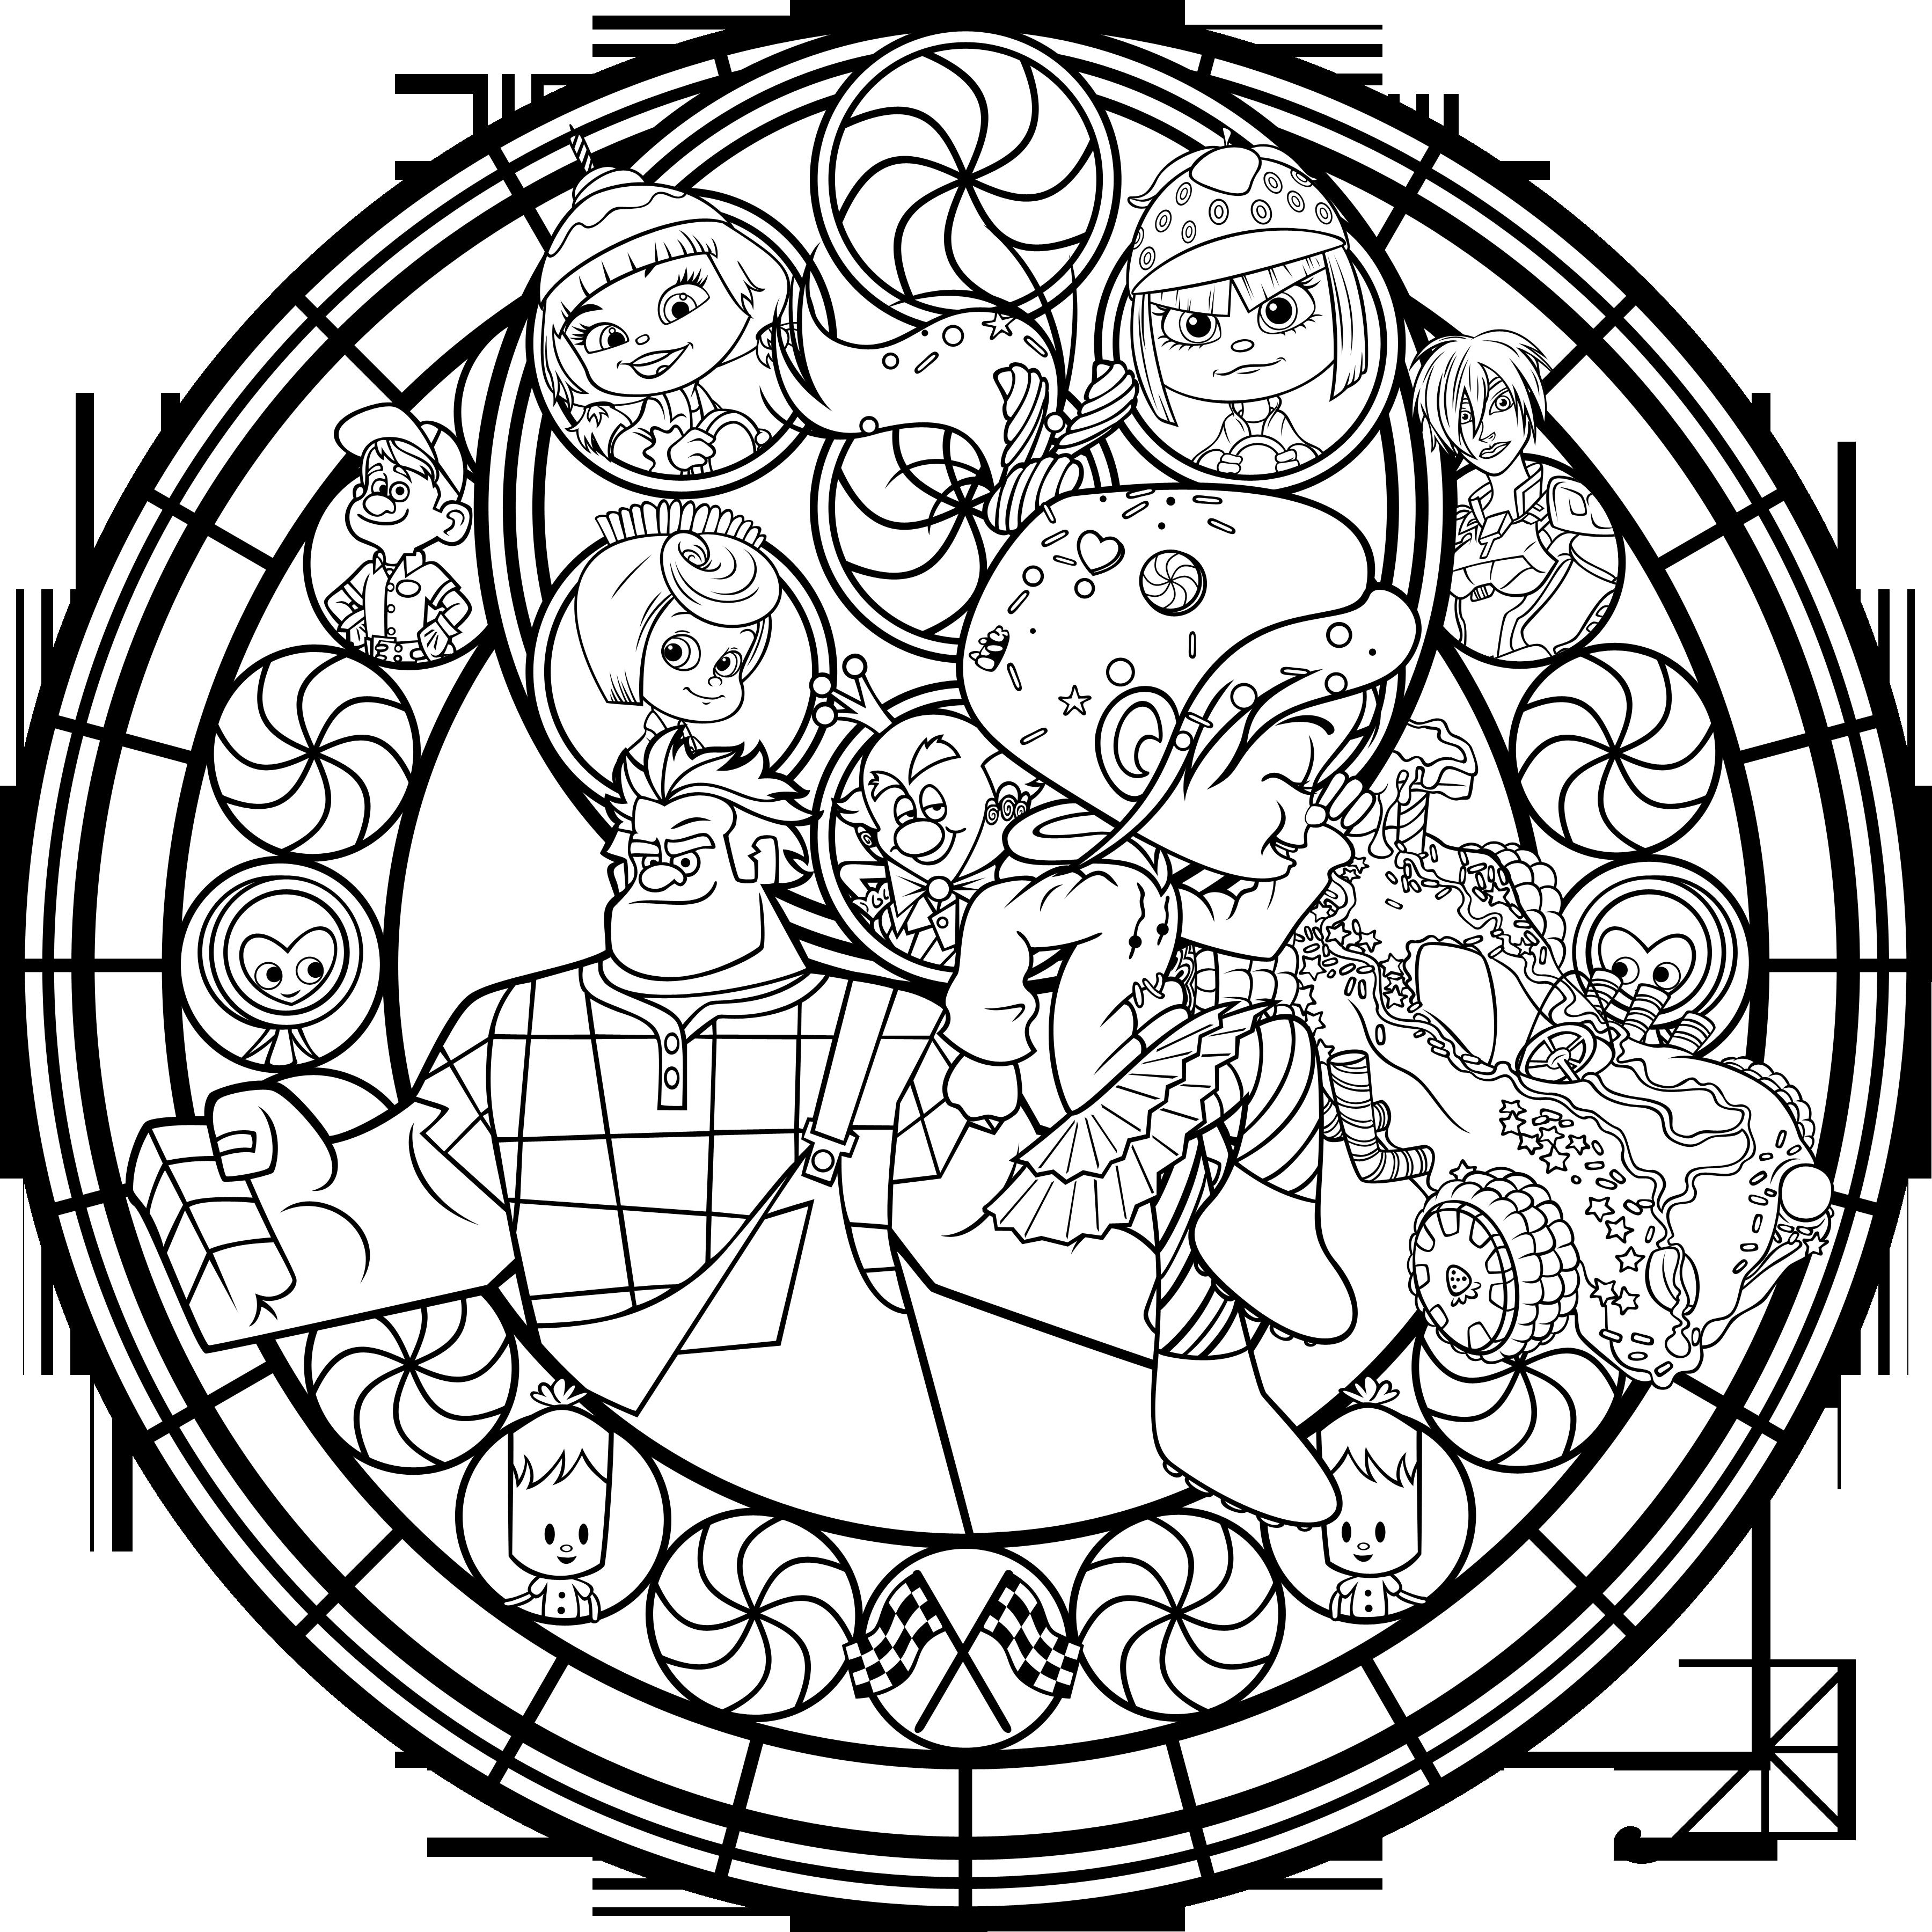 30 Disney Malvorlagen-Ideen  disney malvorlagen, malvorlagen